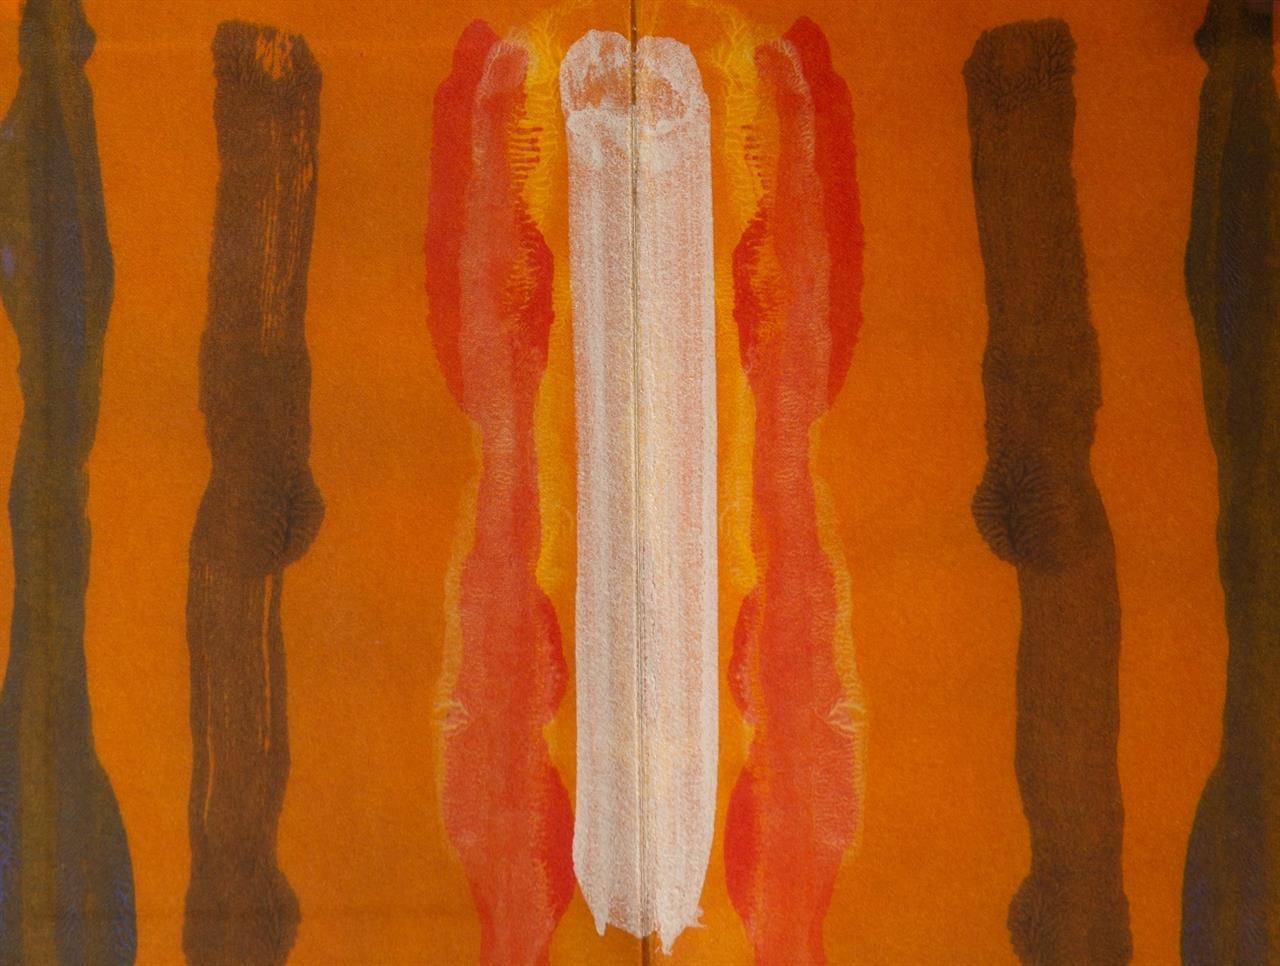 Richard Tuttle. Differentiation and Service. 2007. Künstlerbuch. Innen monogrammiert. Ex. 76/100.